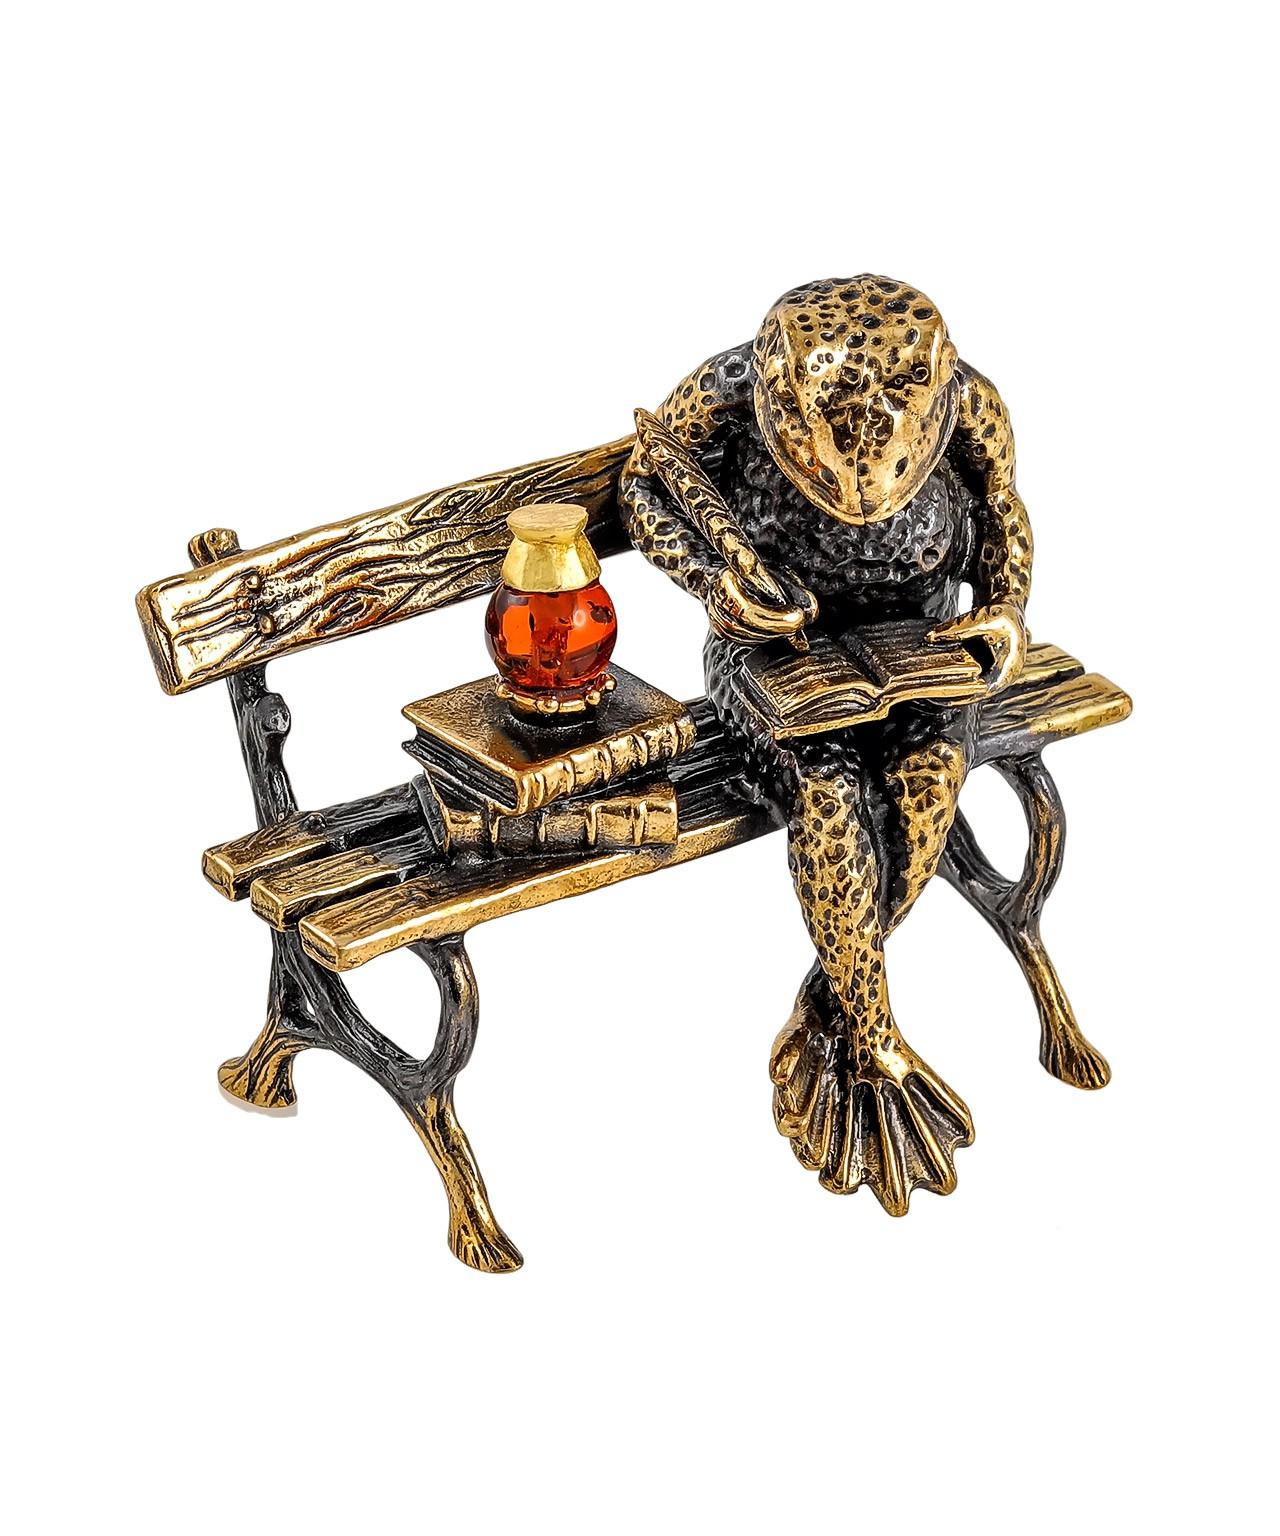 Лягушка Поэт без подставки 1873.1